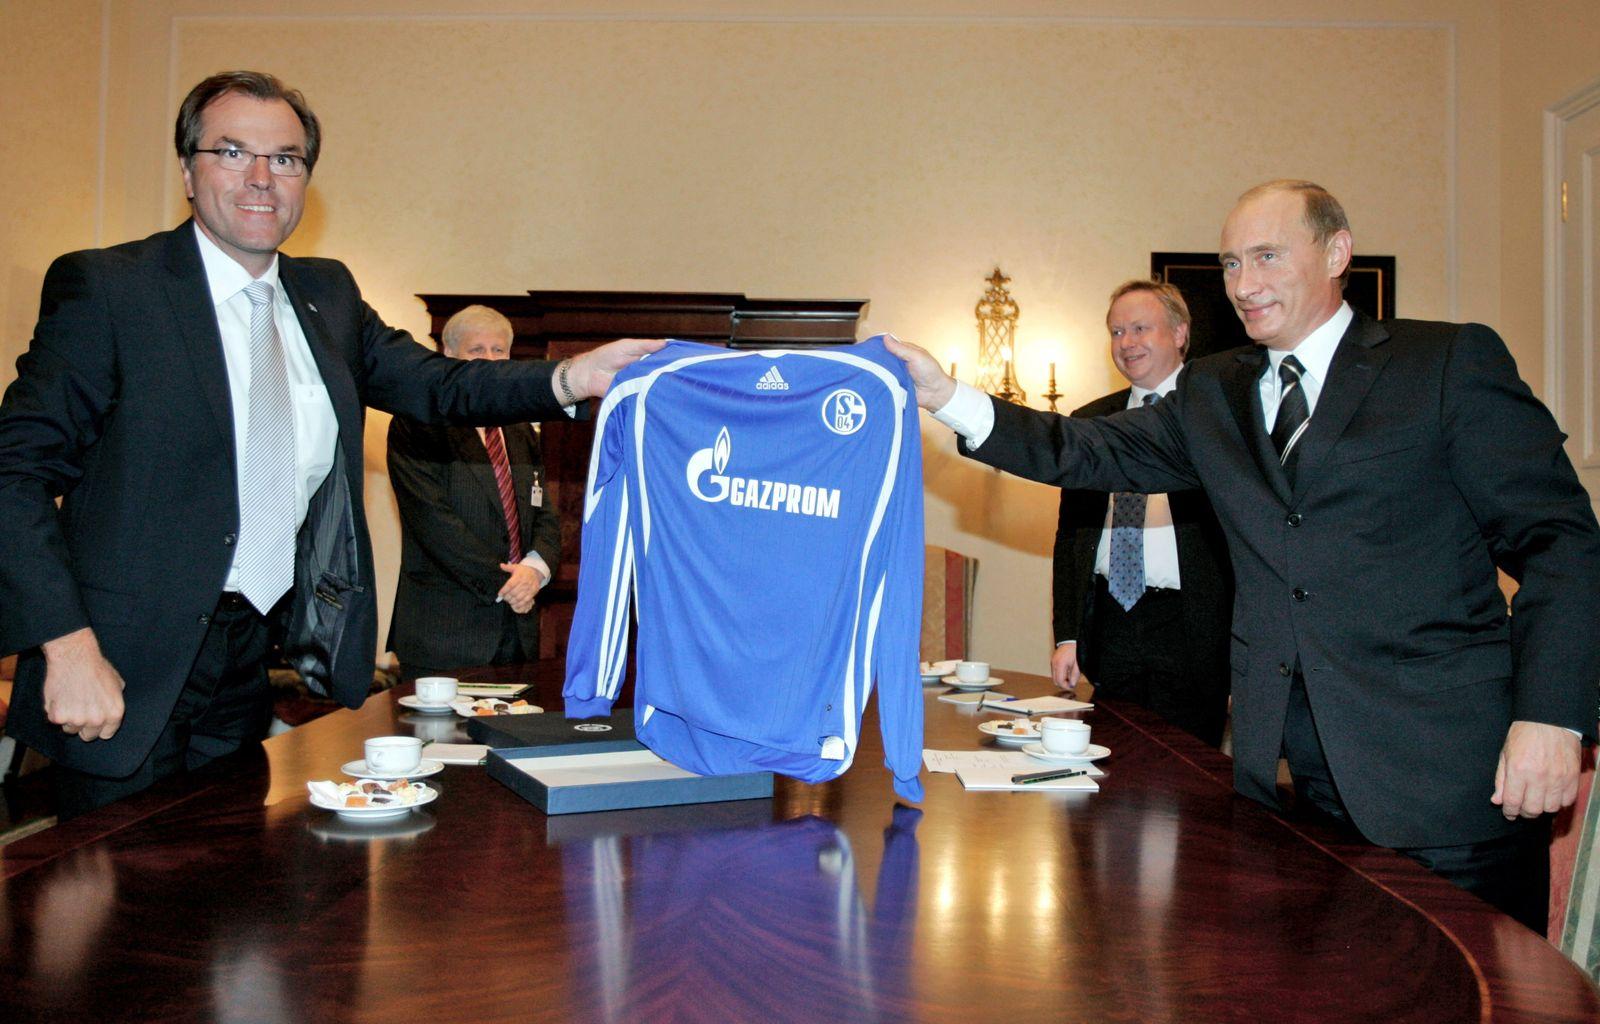 Toennis / Putin / Schalke Trikot